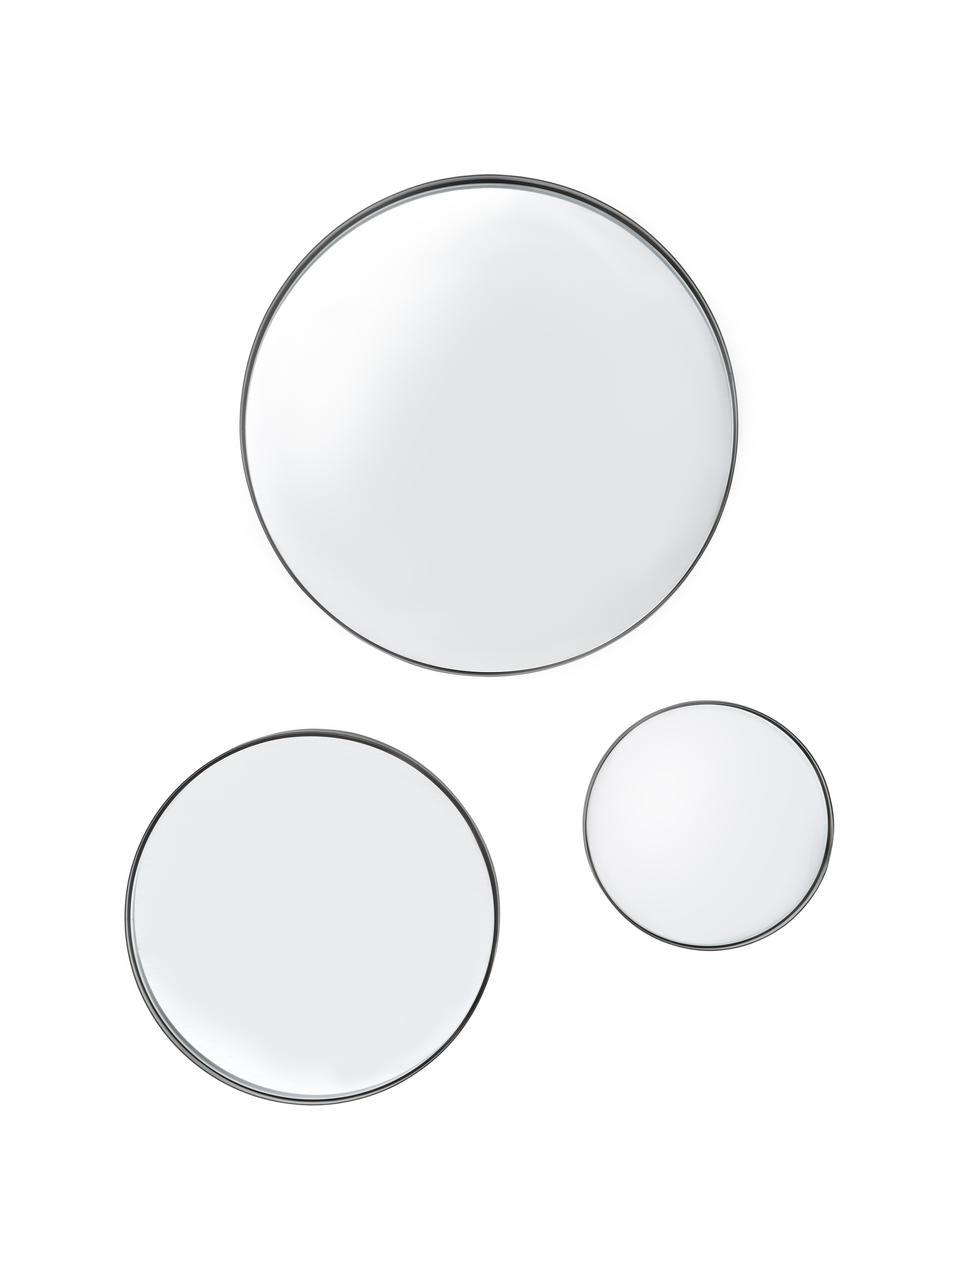 Set 3 specchi da parete con cornice nera Ivy, Cornice: metallo zincato, Superficie dello specchio: lastra di vetro, Retro: pannello di fibra a media, Nero, Set in varie misure